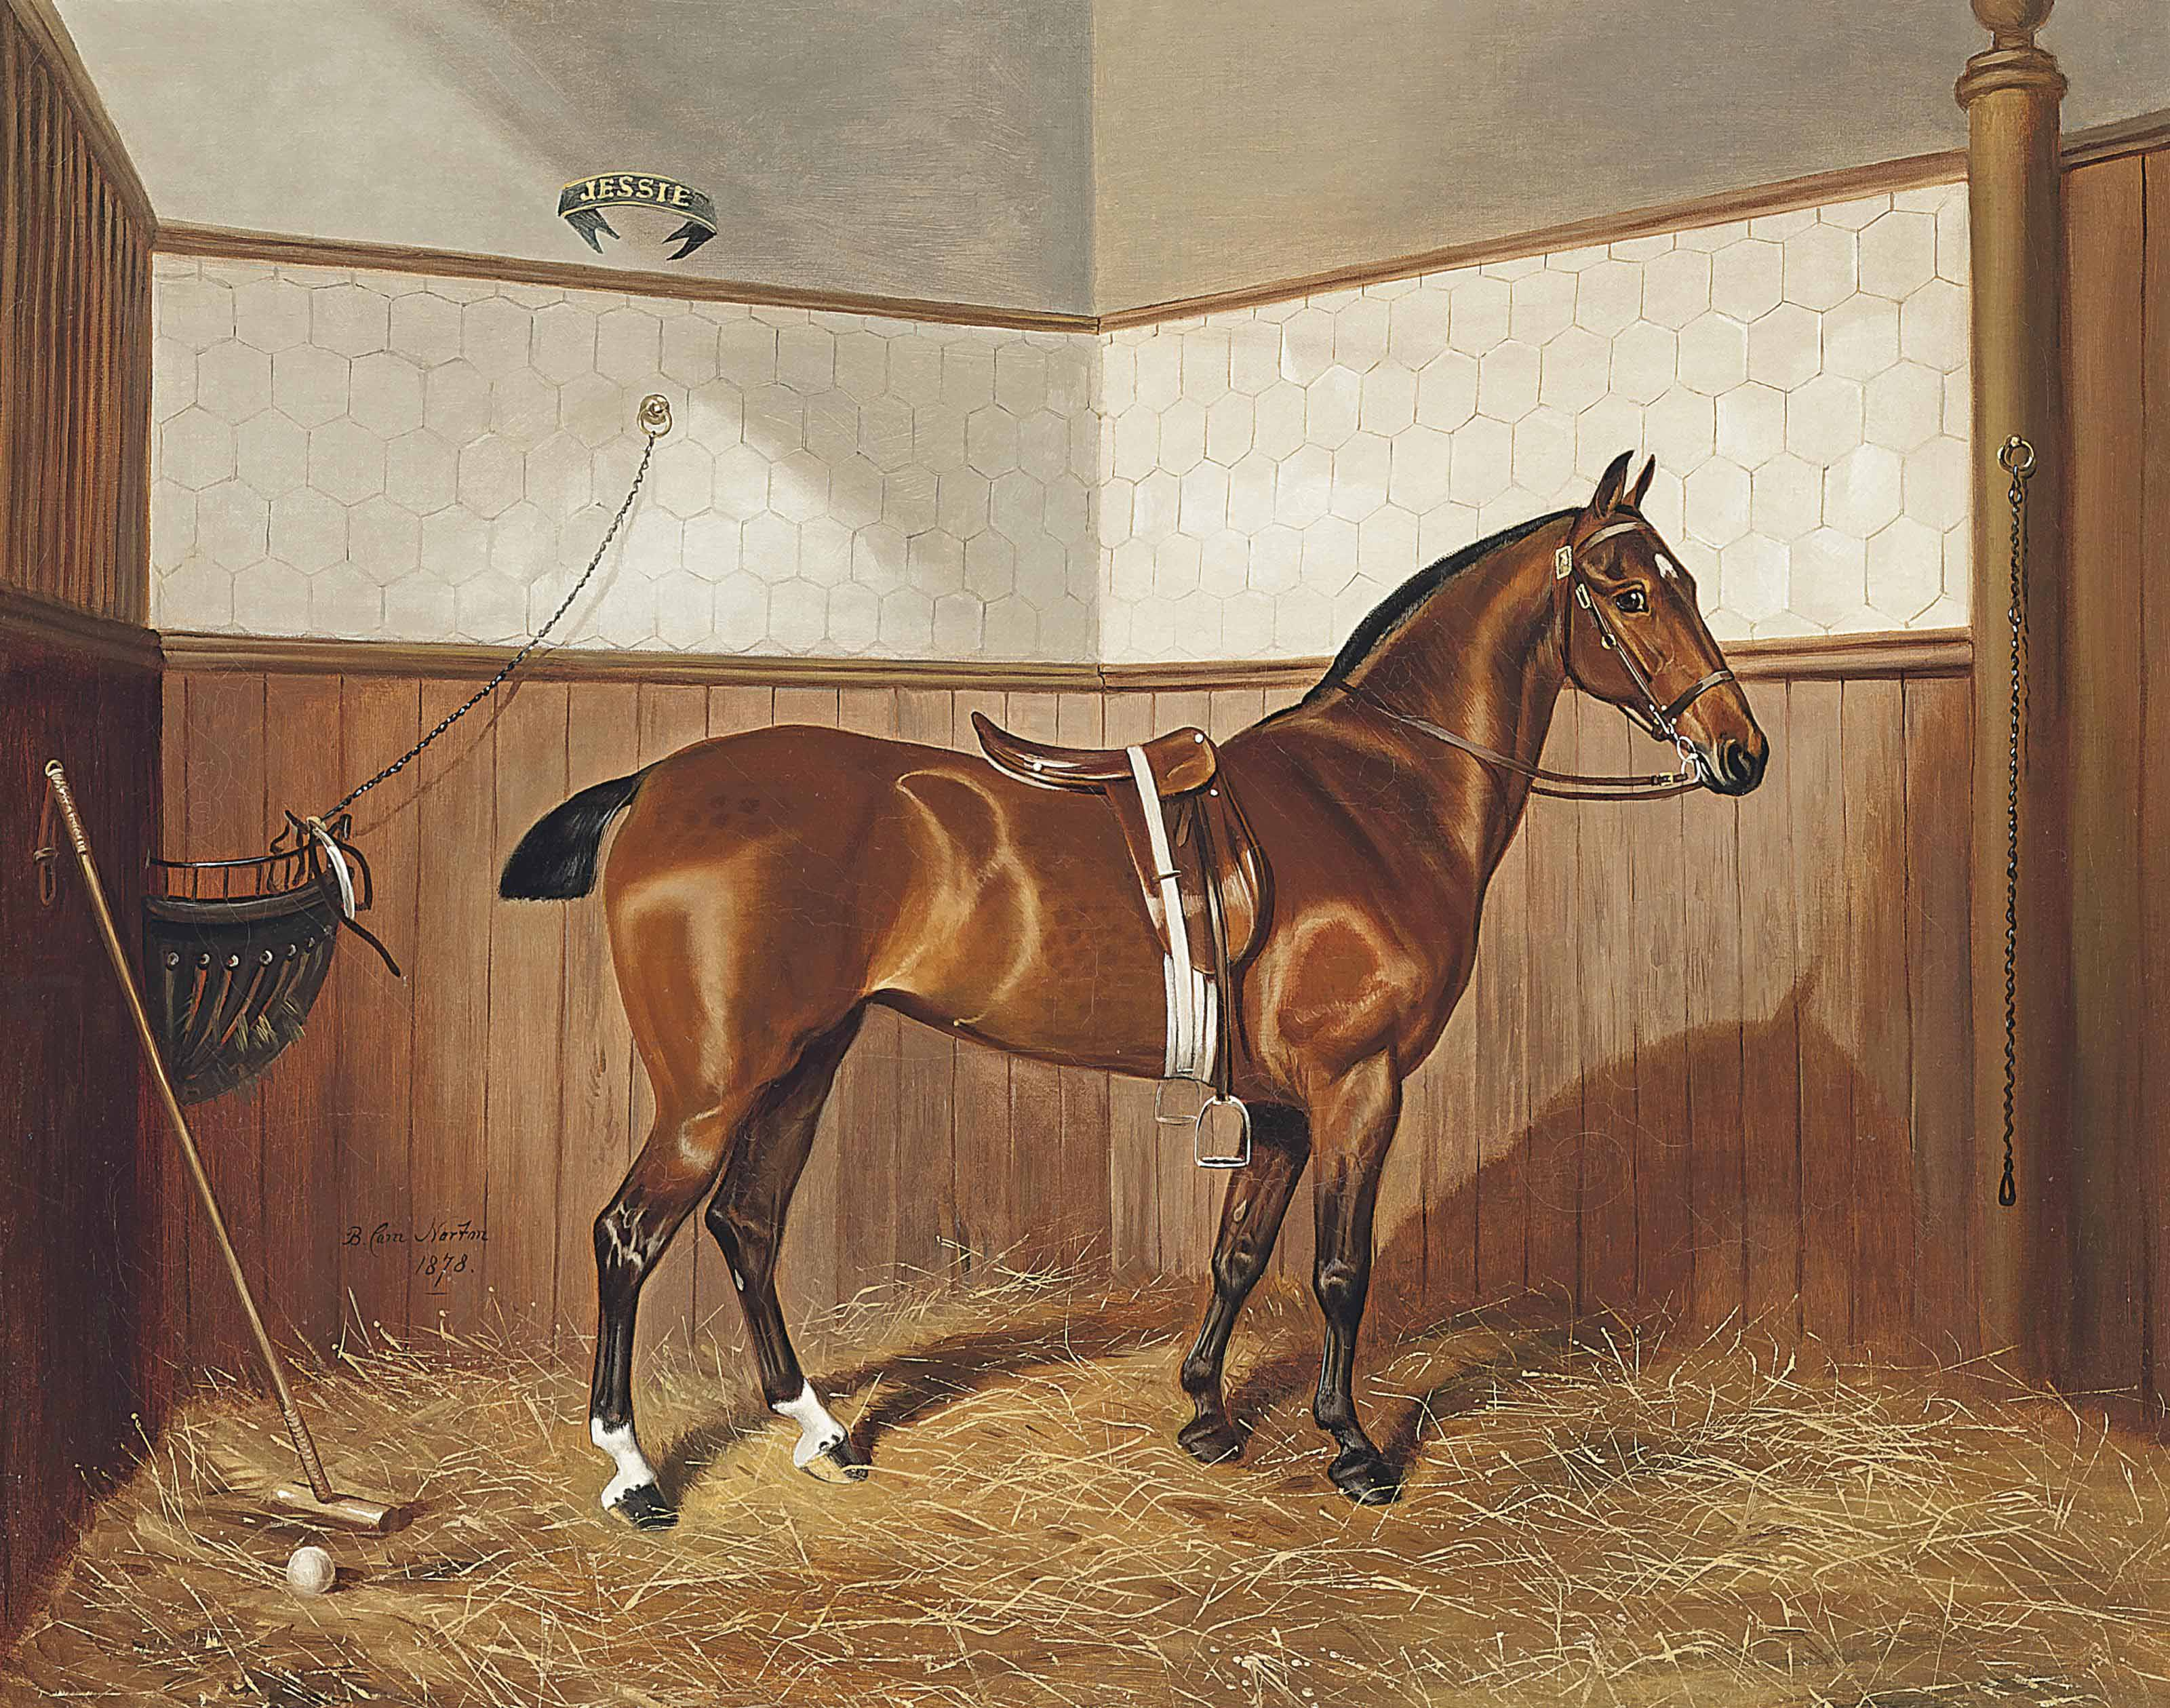 Jessie the polo pony